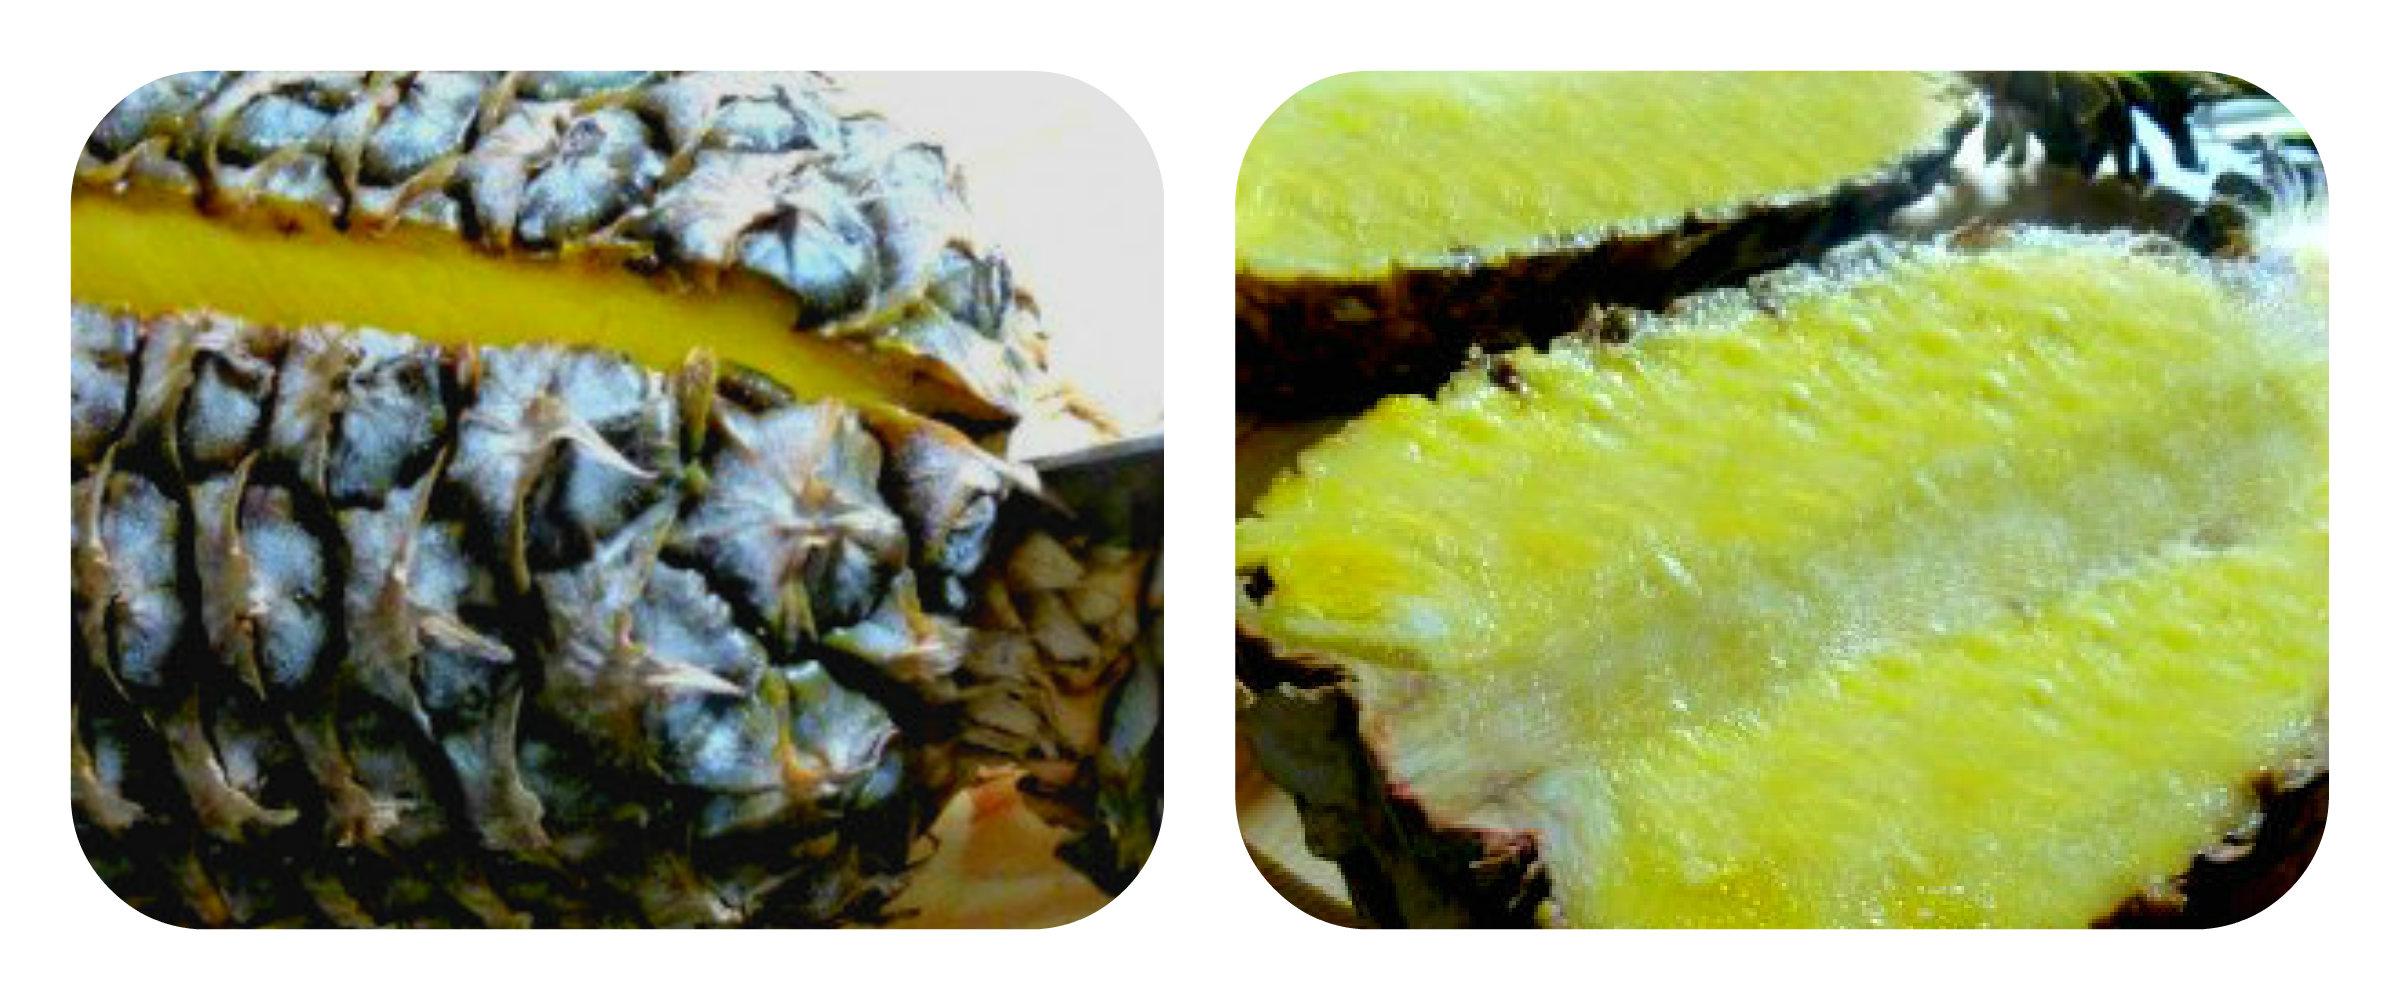 Come si taglia l'ananas a cigno